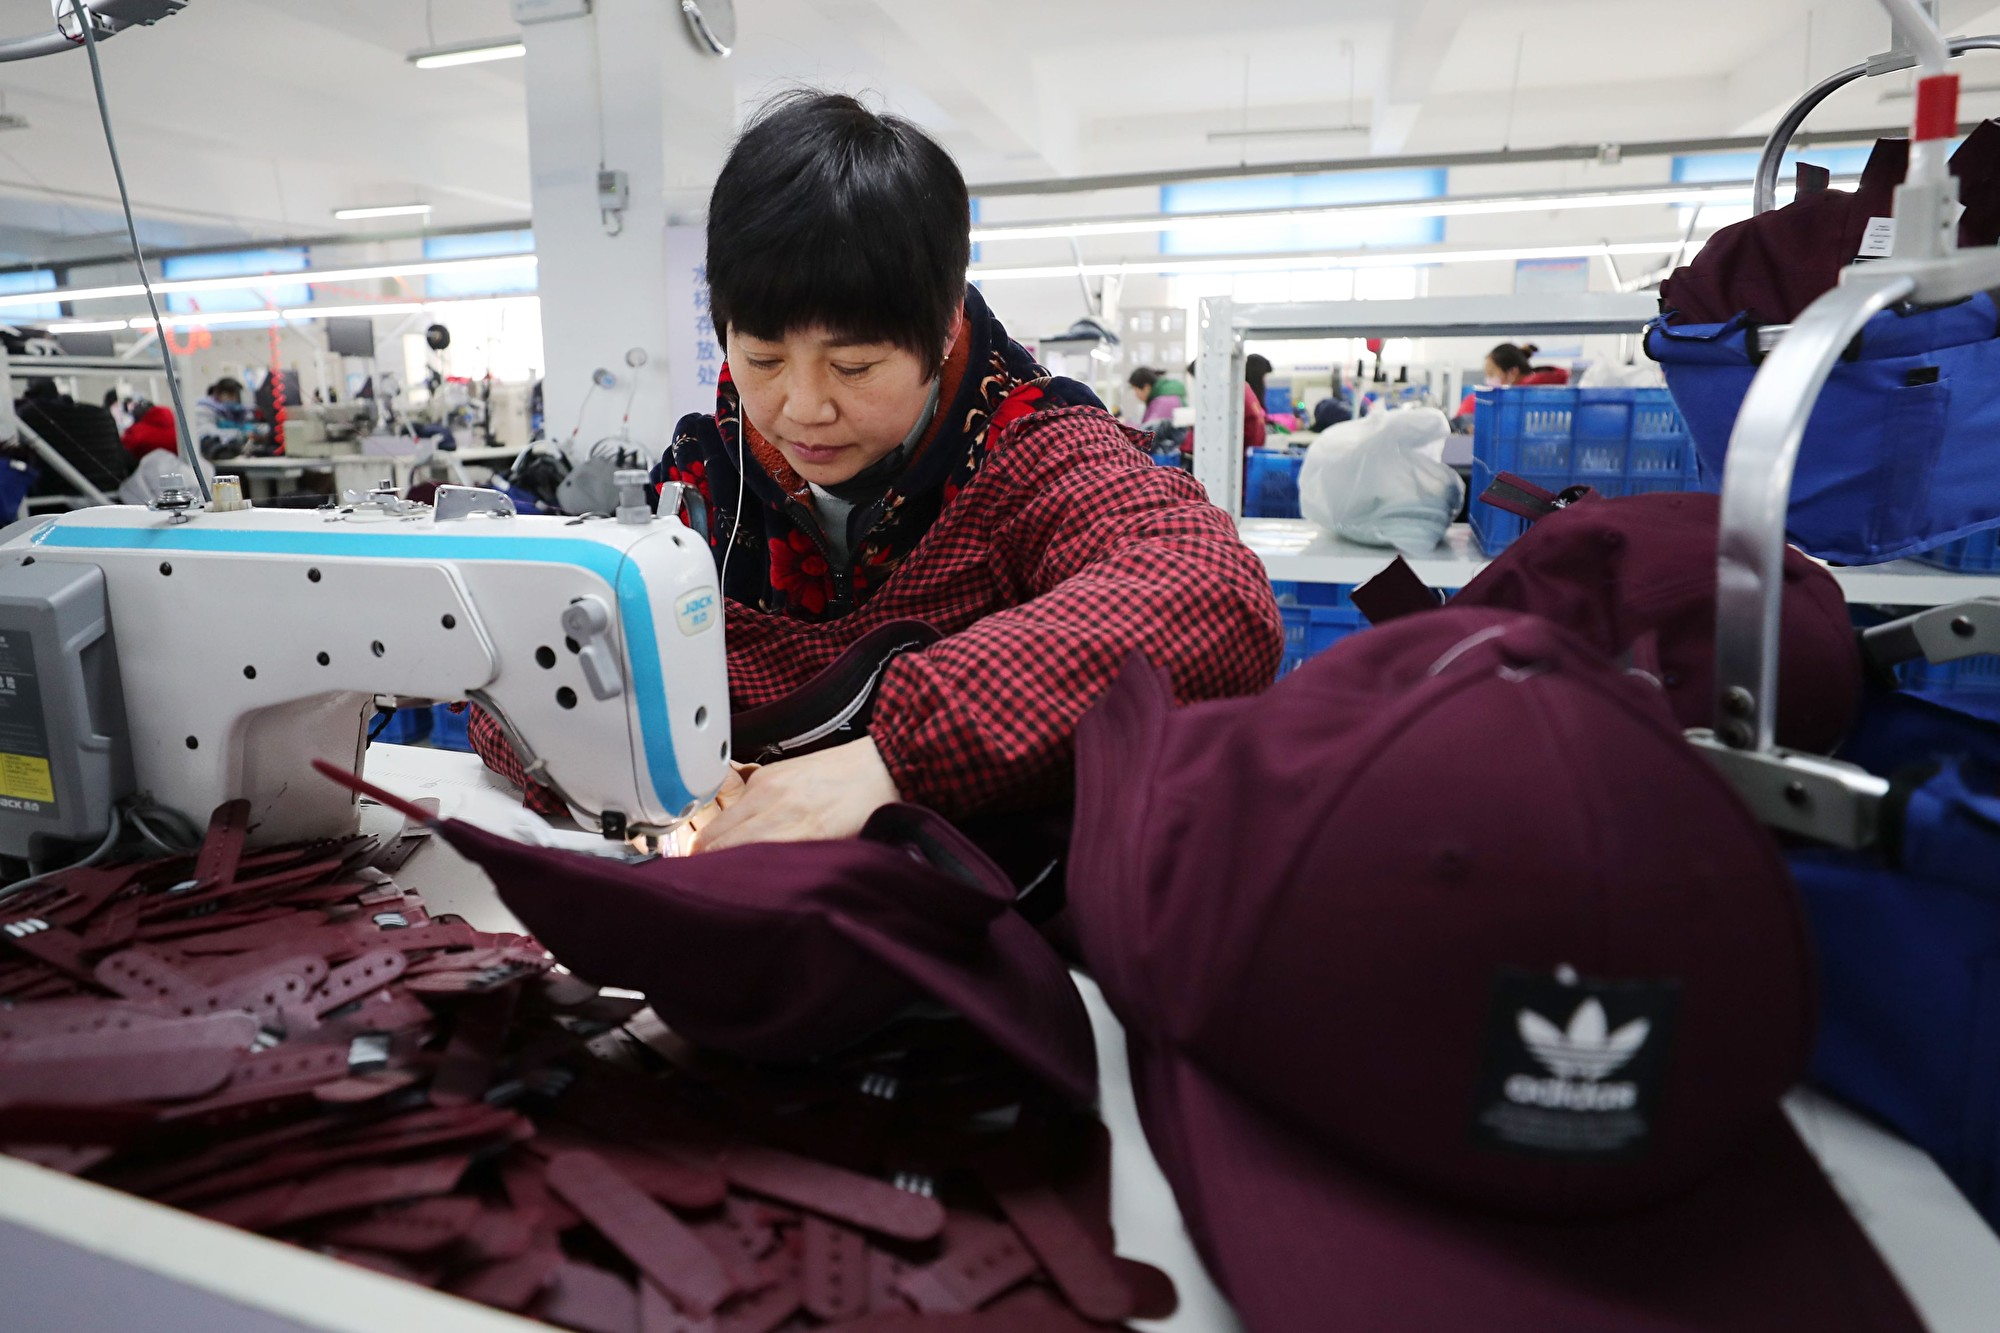 中美貿易戰 誰跟中國民眾站在同一陣線?